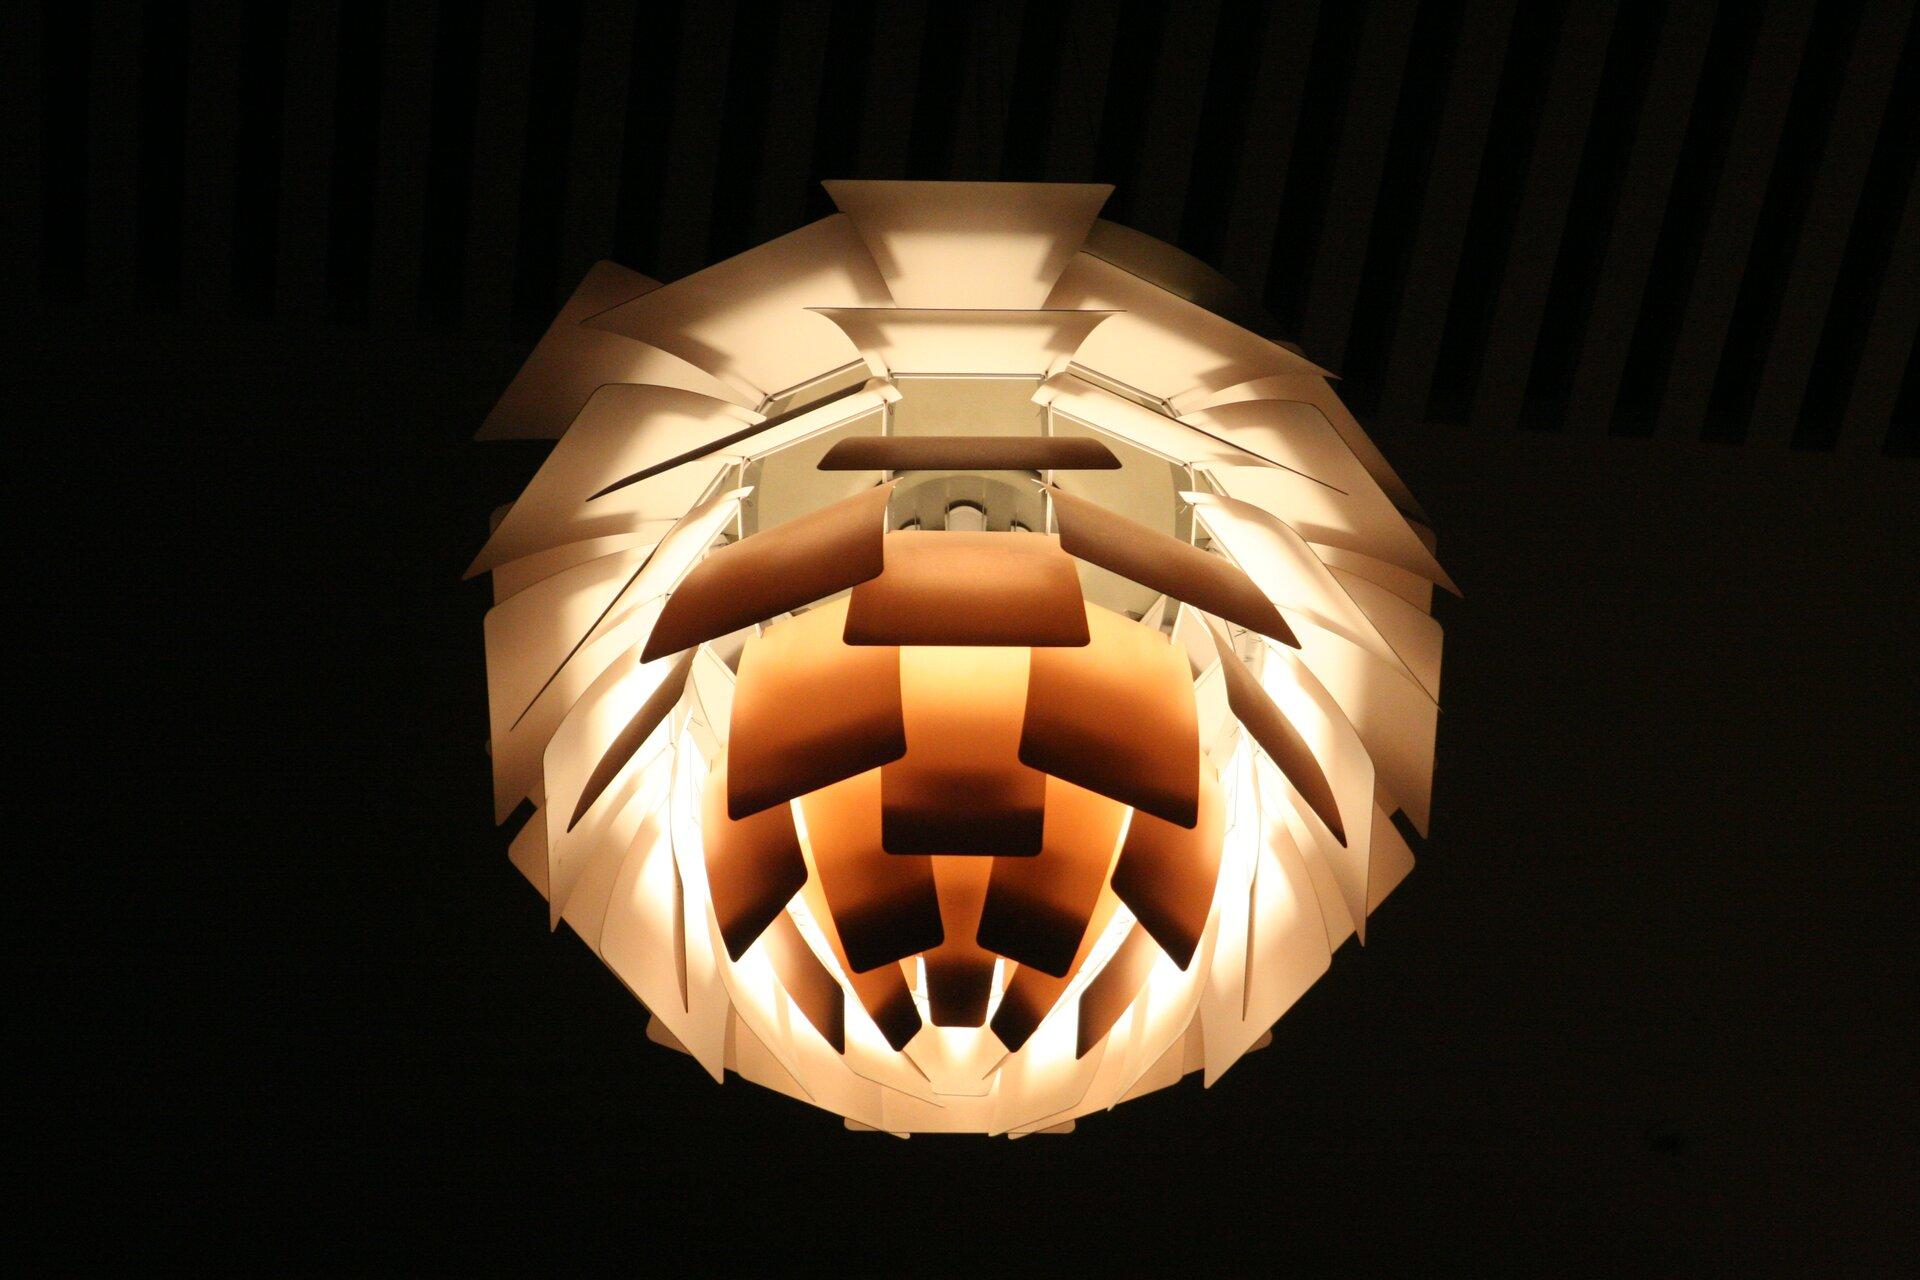 Ilustracja interaktywna przedstawia lampę typu PH Artichoke zaprojektowaną przez Poula Henningsena. Lampa przypomina rozwarstwioną kulę, składa się ona zwielu kwadratowych elementów, które wcałości prezentują lampę okulistym kształcie.